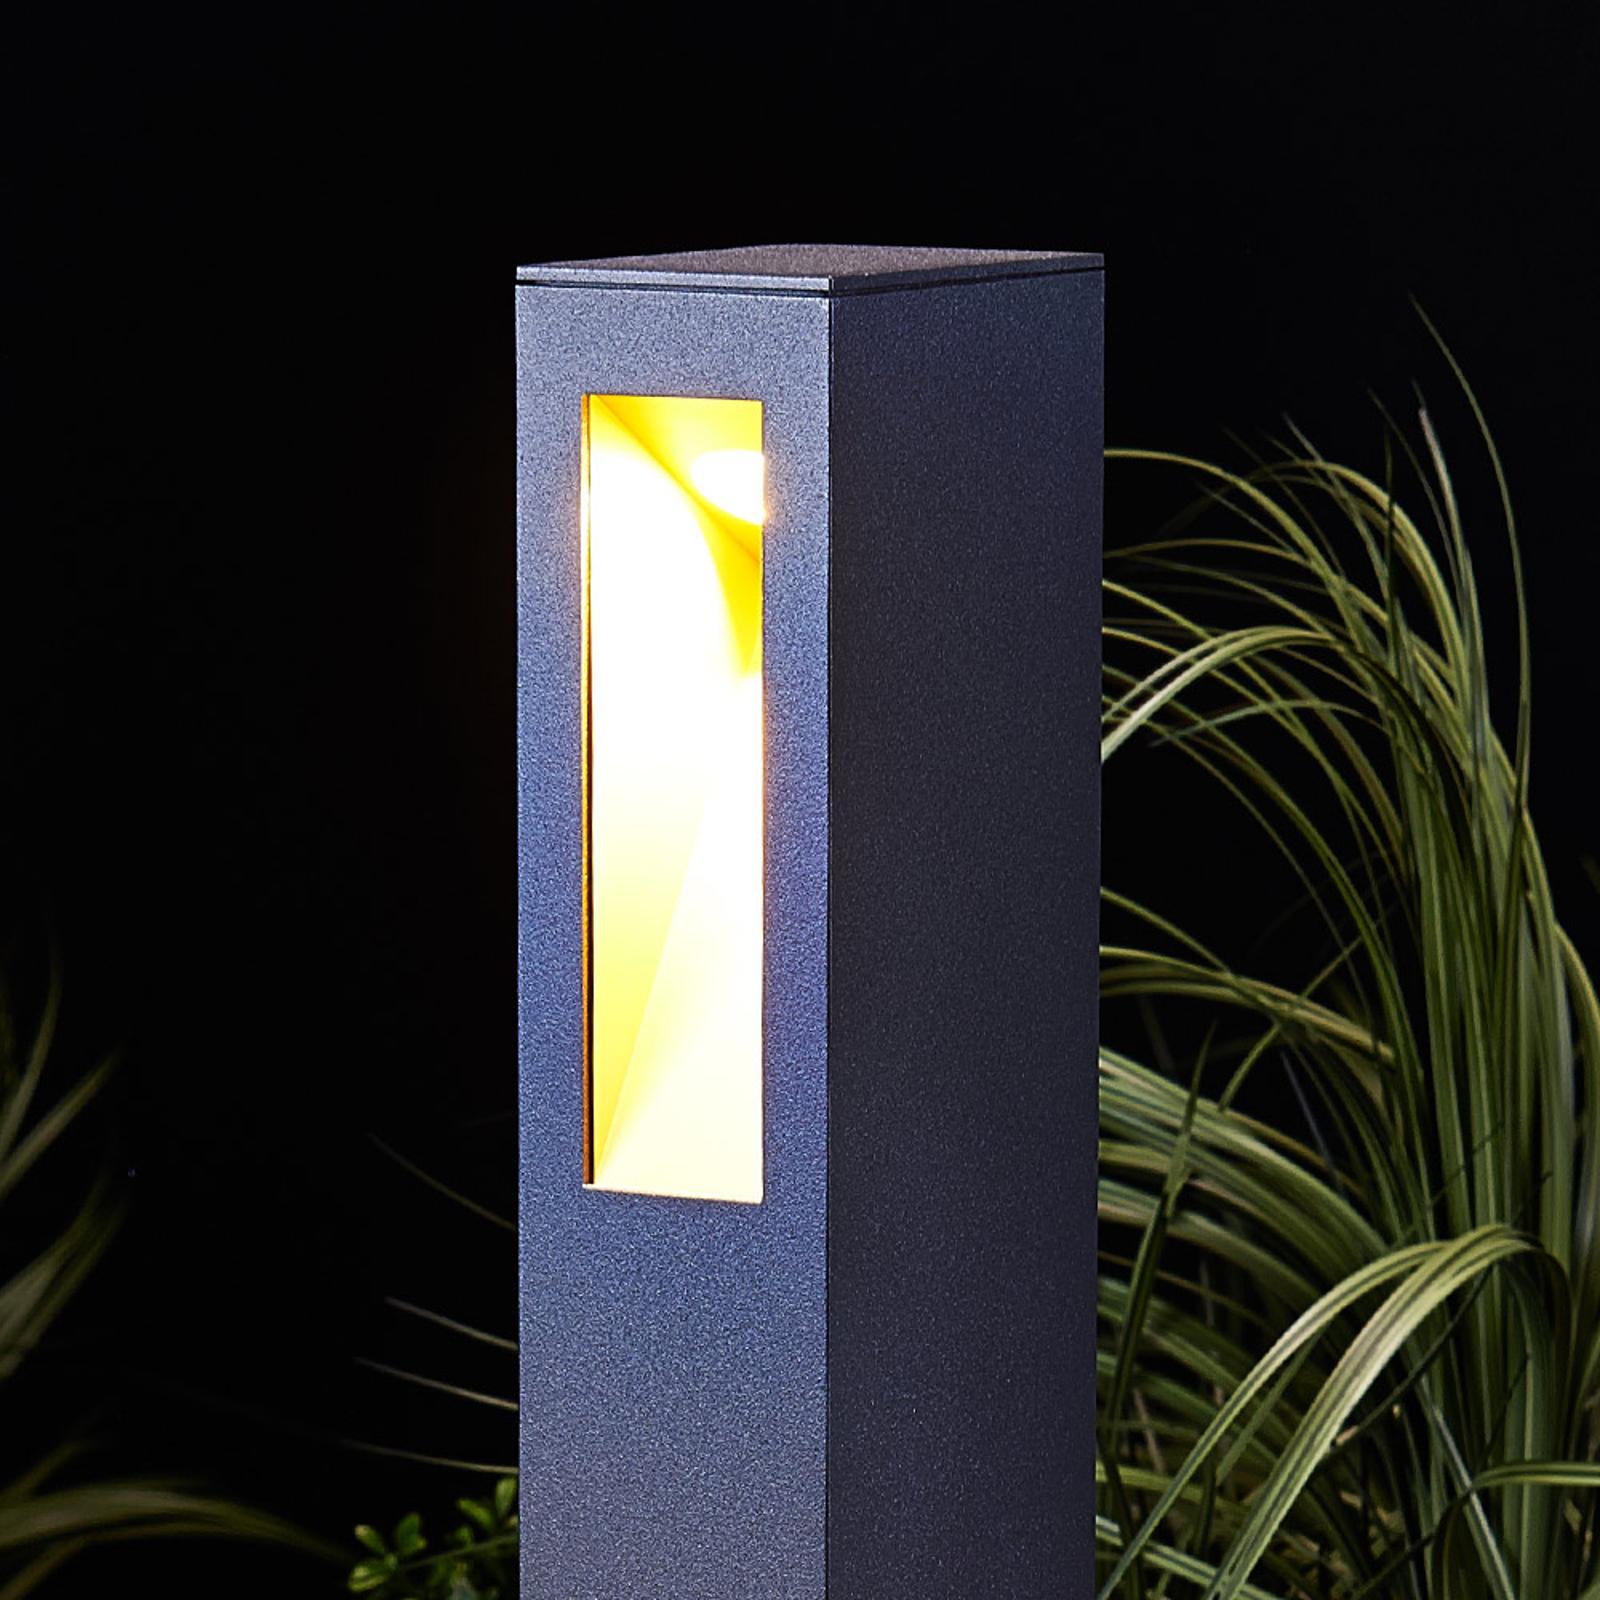 LED-Wegeleuchte Jenke aus Aluminium